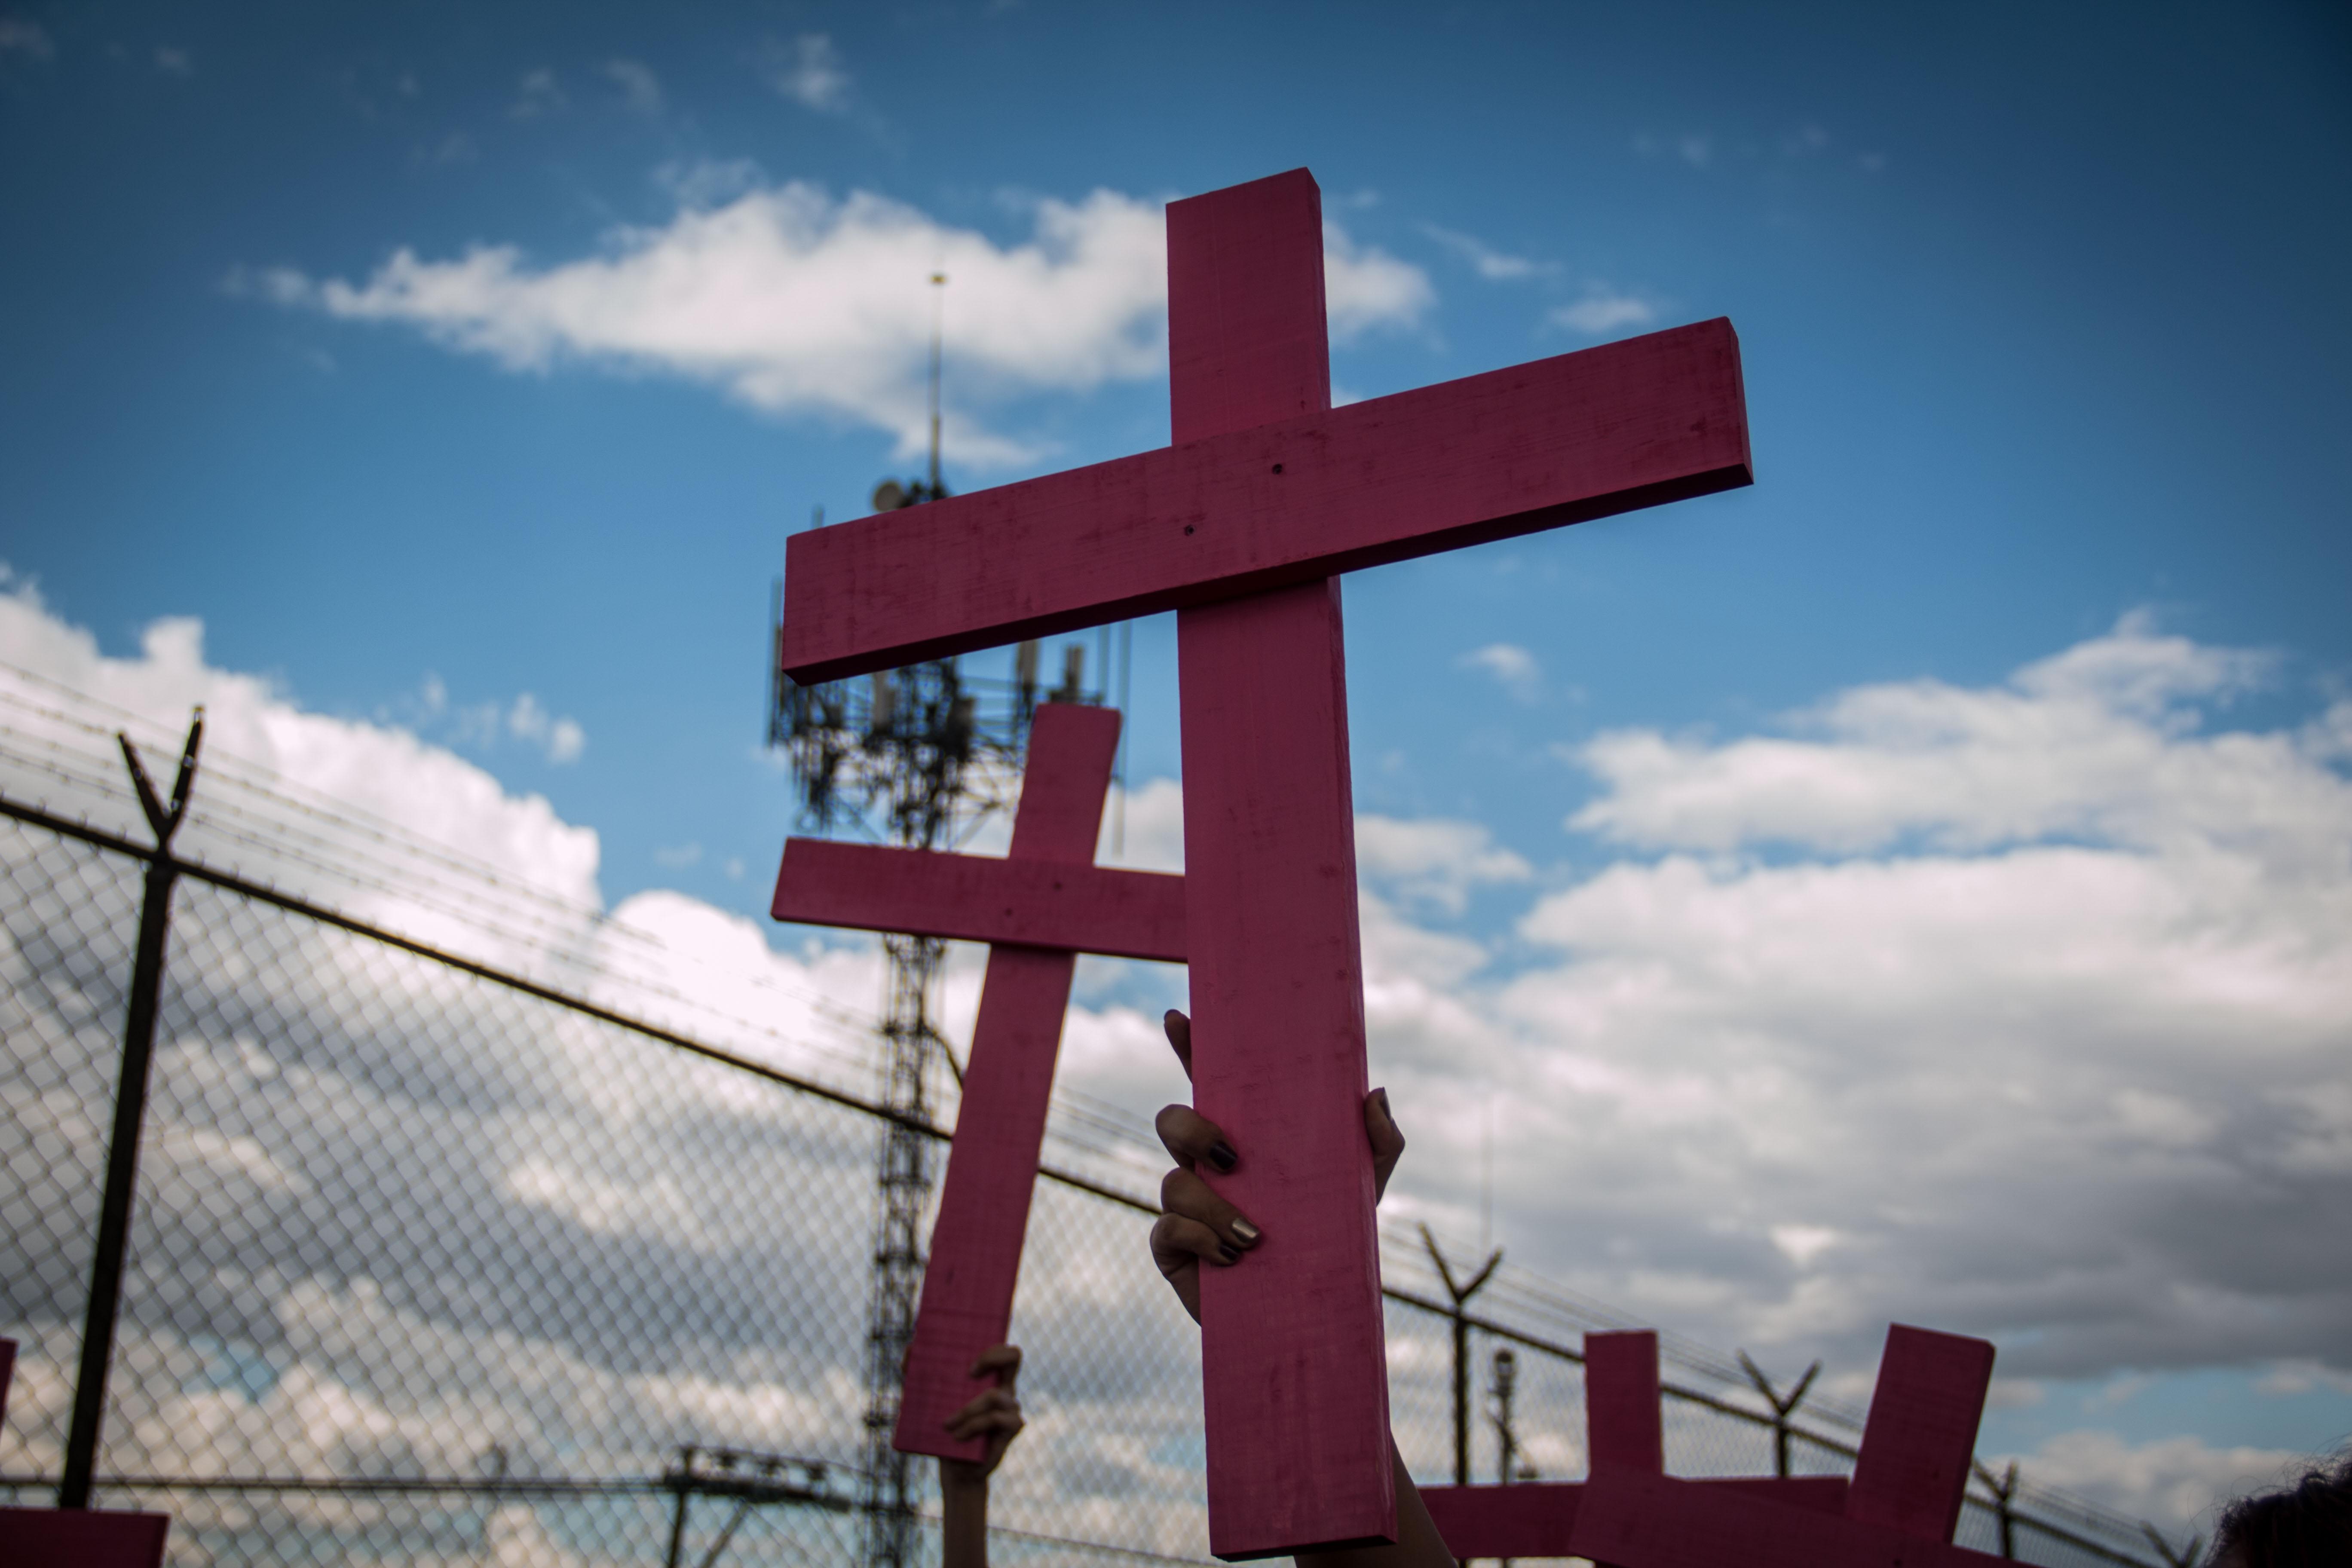 En lo que va del año, 33 mujeres han sido víctimas de feminicidio en la CDMX